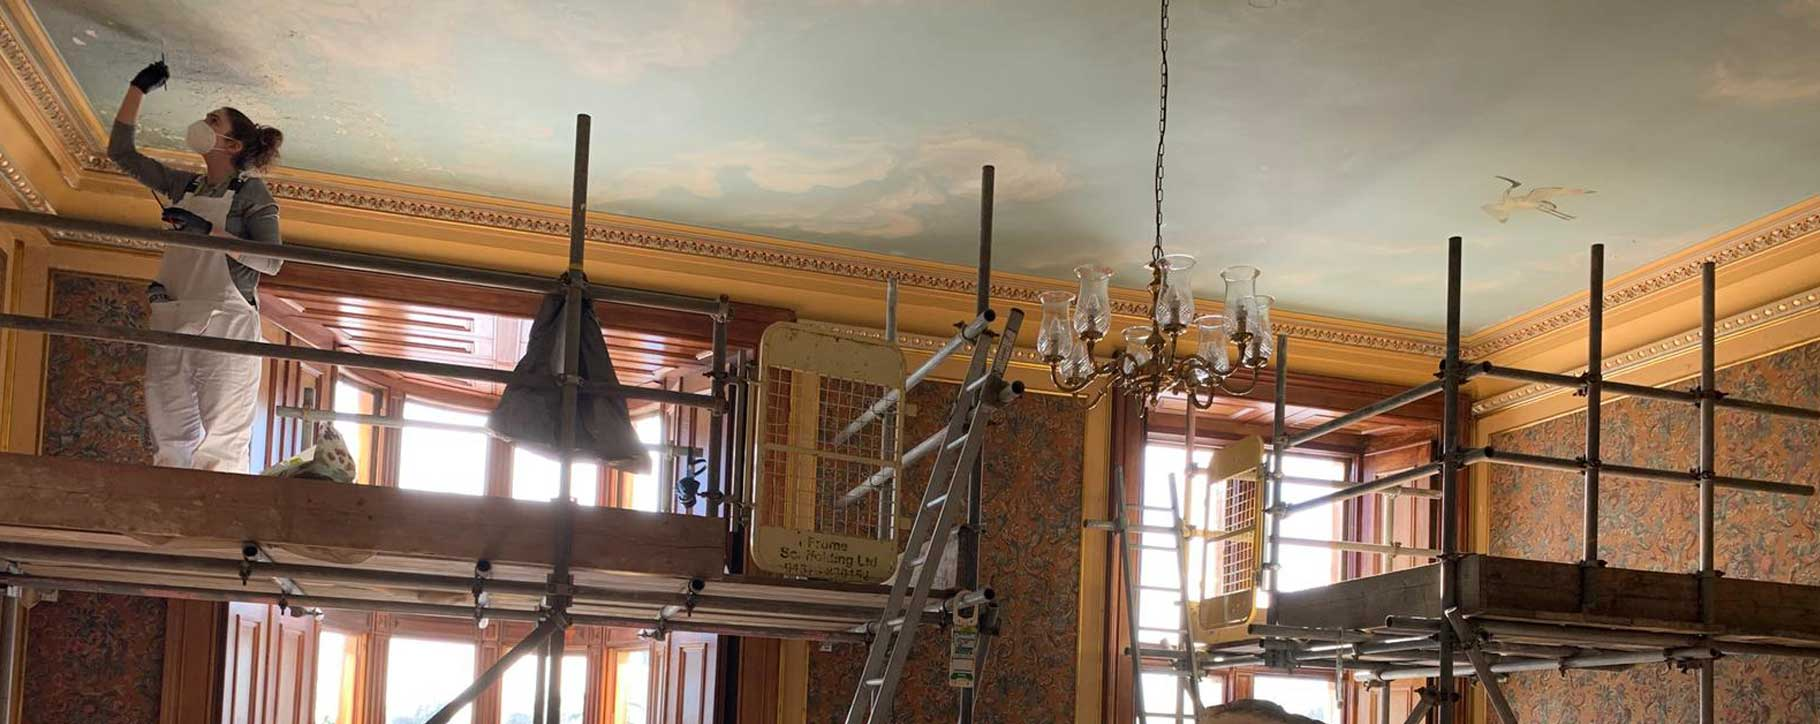 conservator working on westonbirt school ceiling restoration